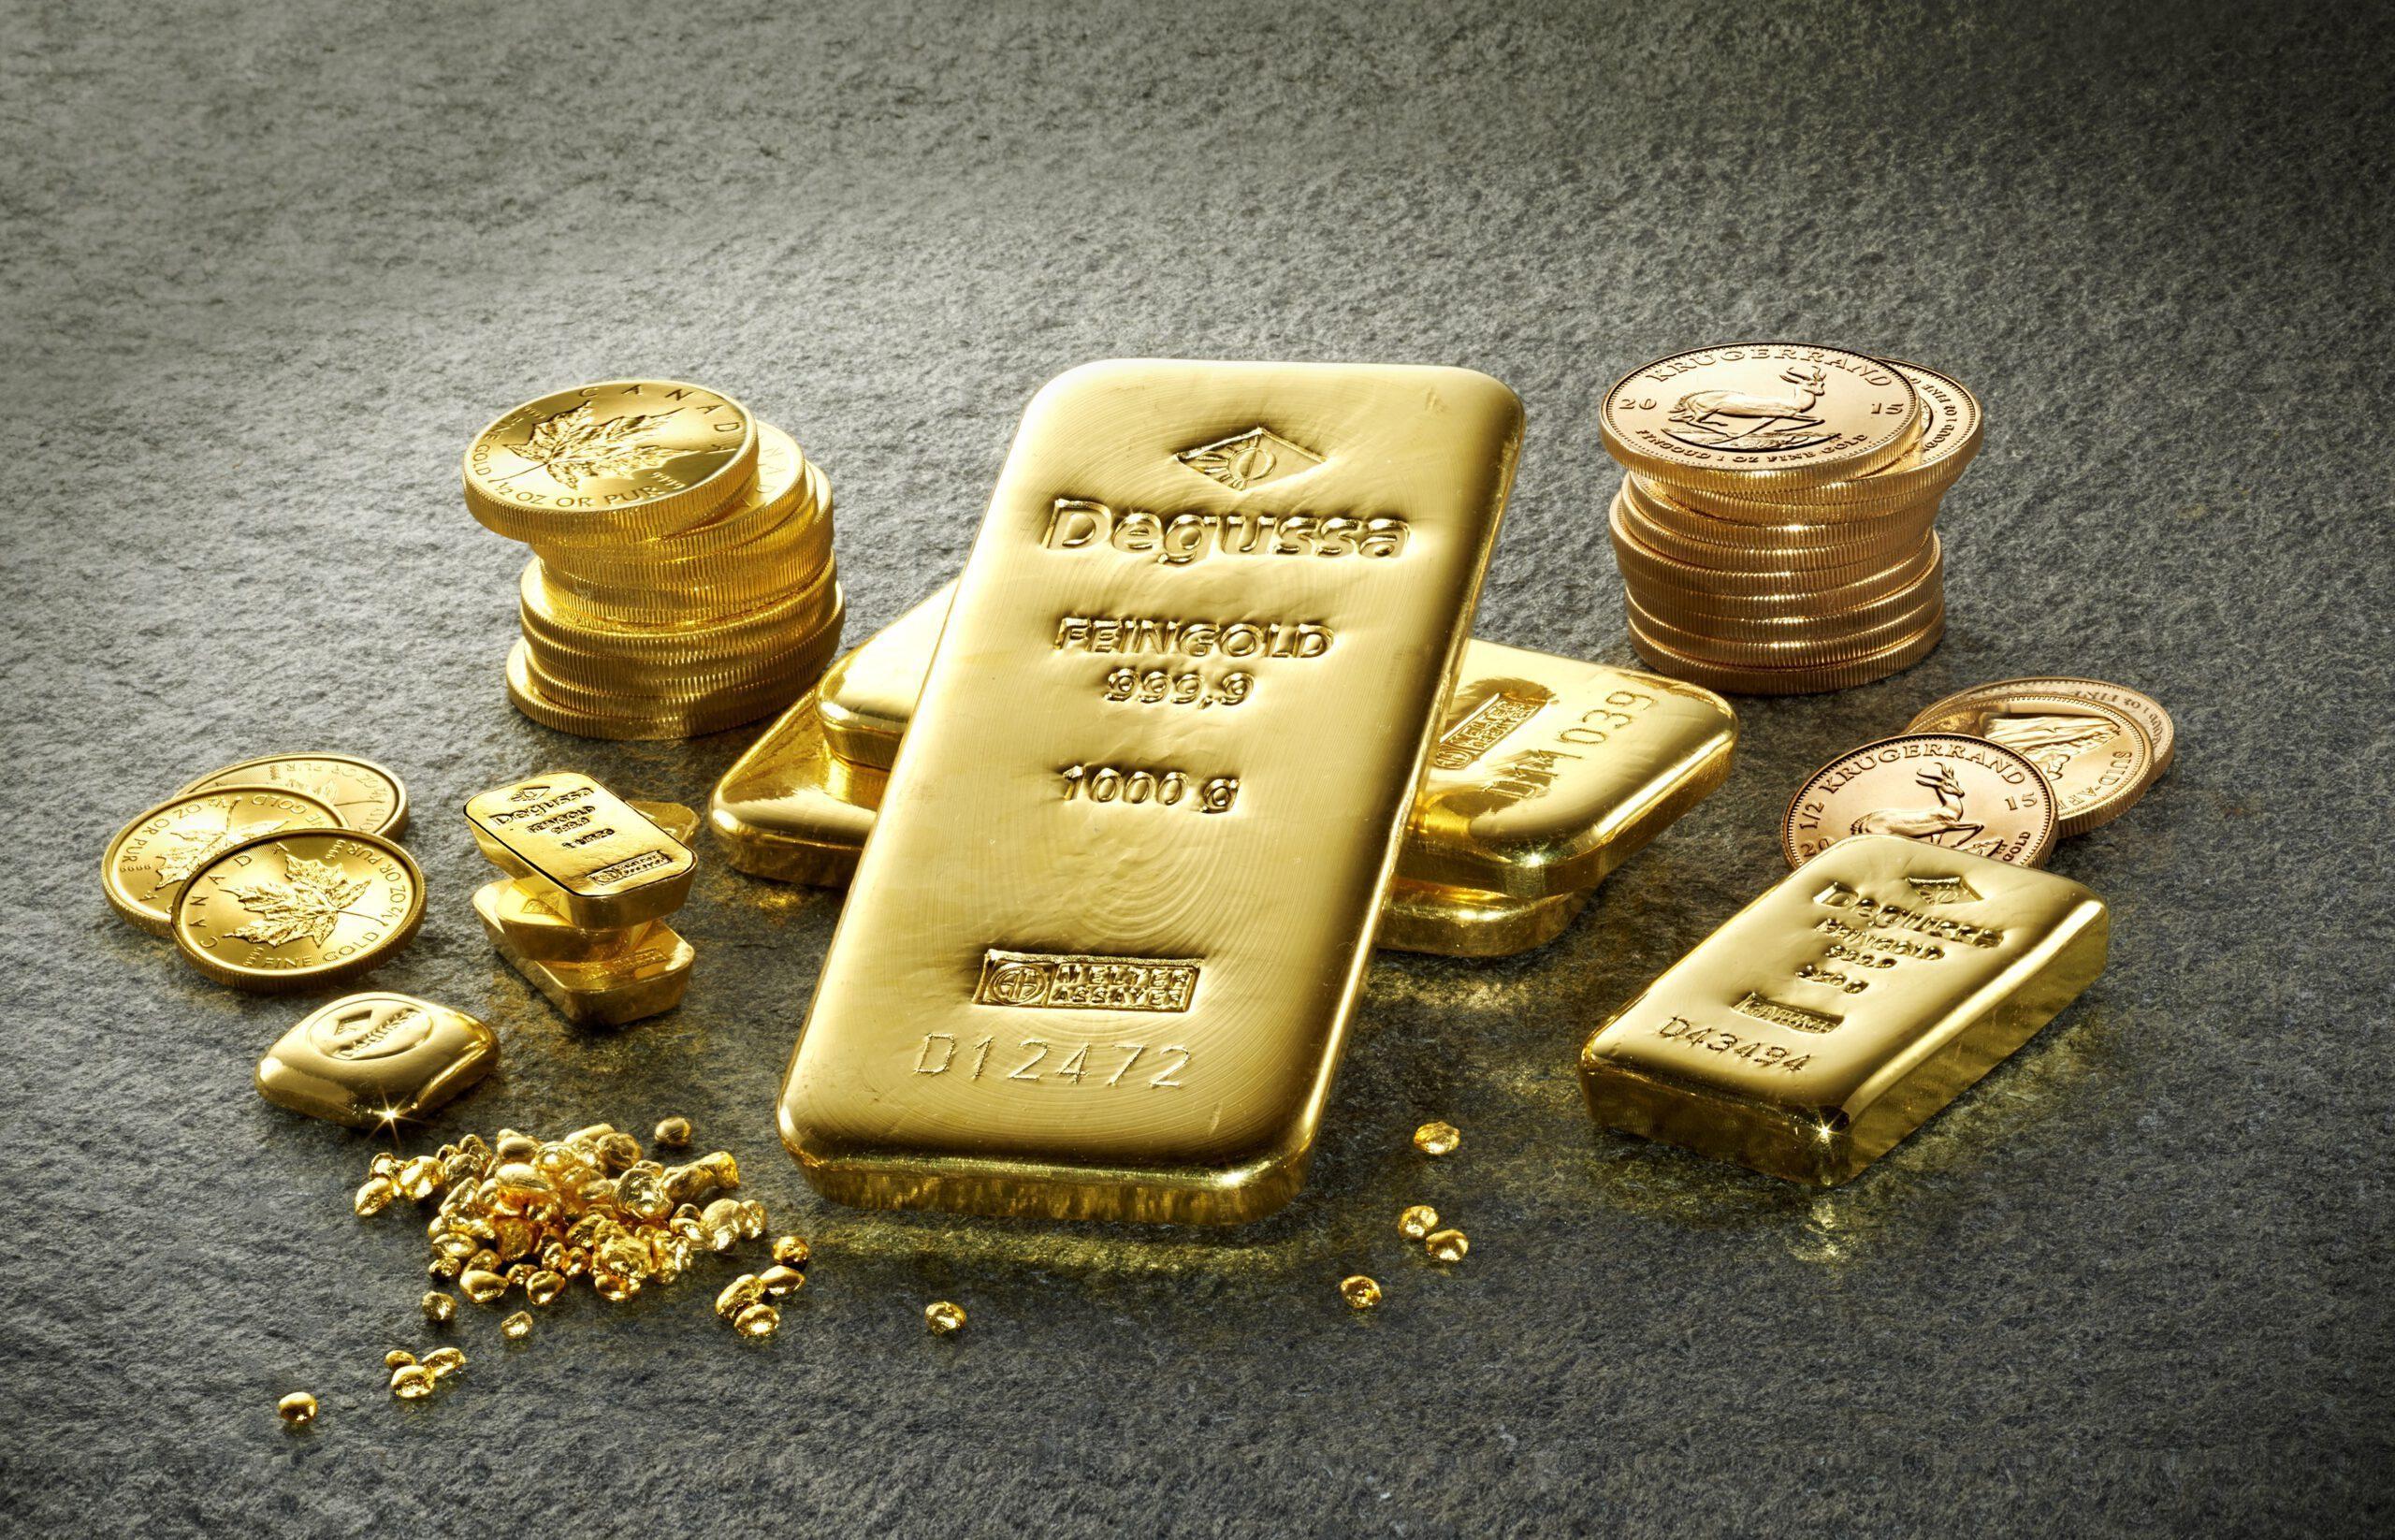 Degussa nhận định giá vàng tăng lên $2500 vào giữa năm 2021 khi các ngân hàng trung ương tiếp tục in tiền